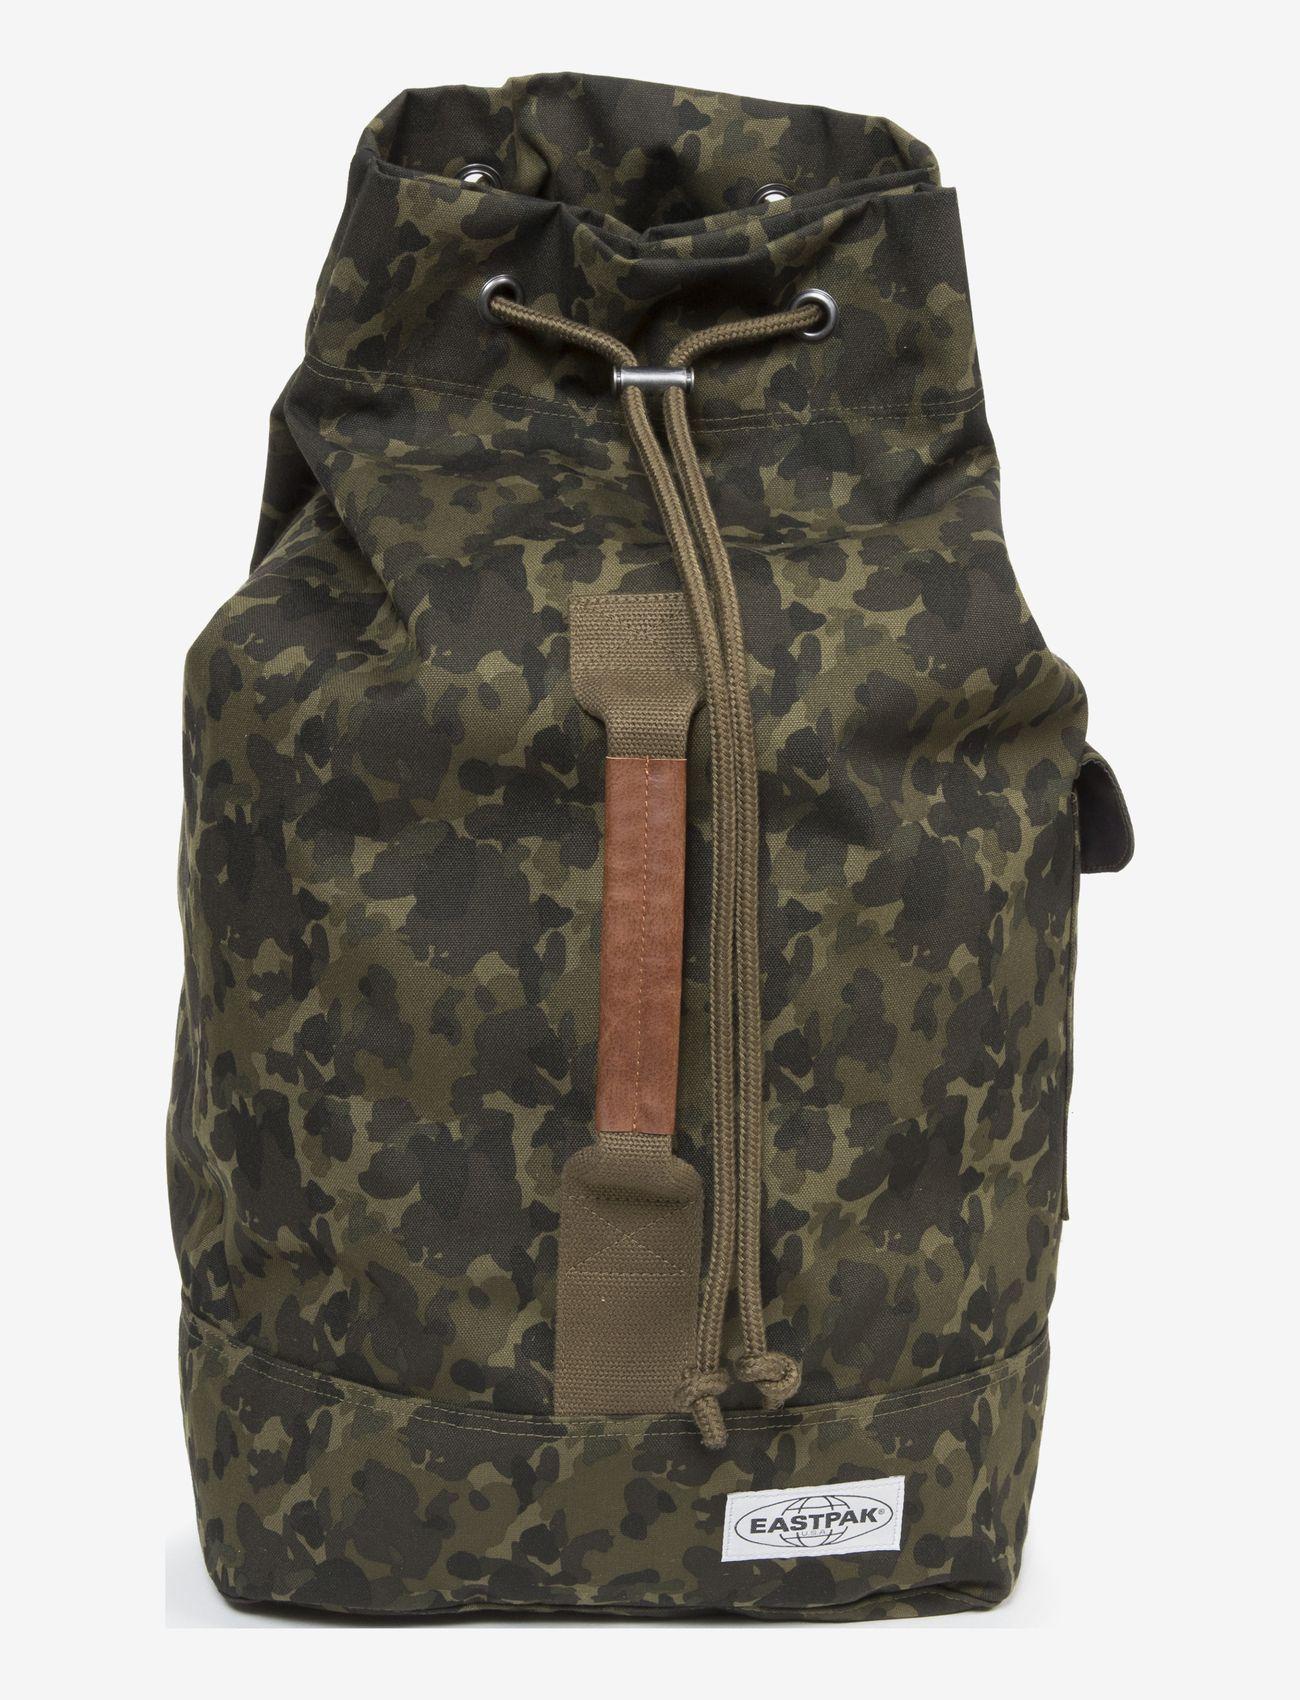 Eastpak - PLISTER - plecaki - opgrade camo